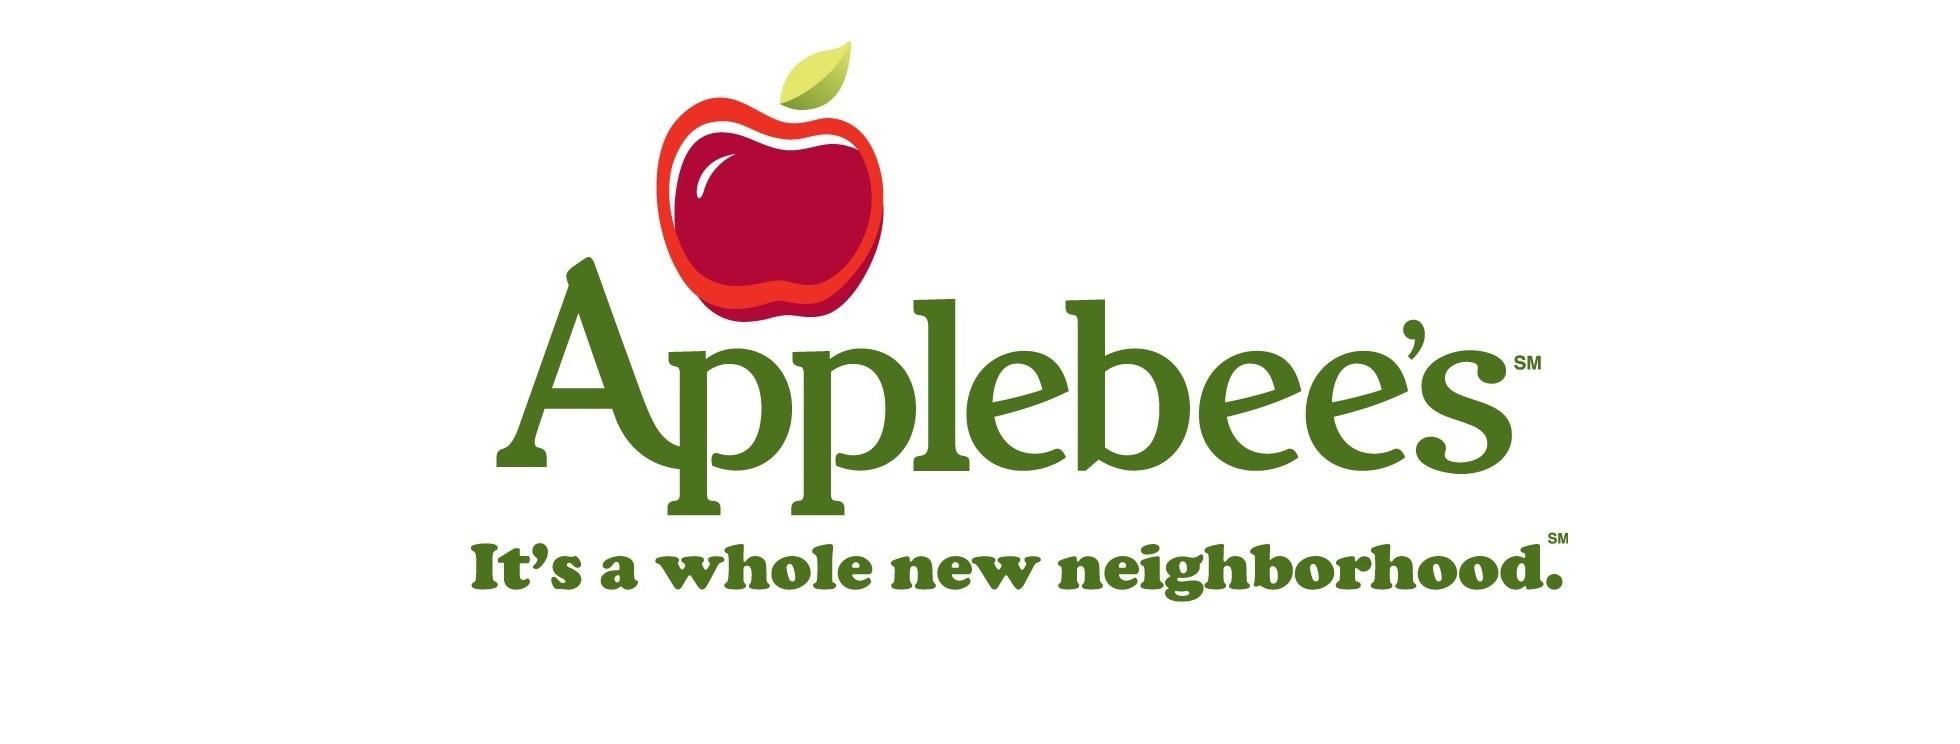 Classic Applebee's Logo